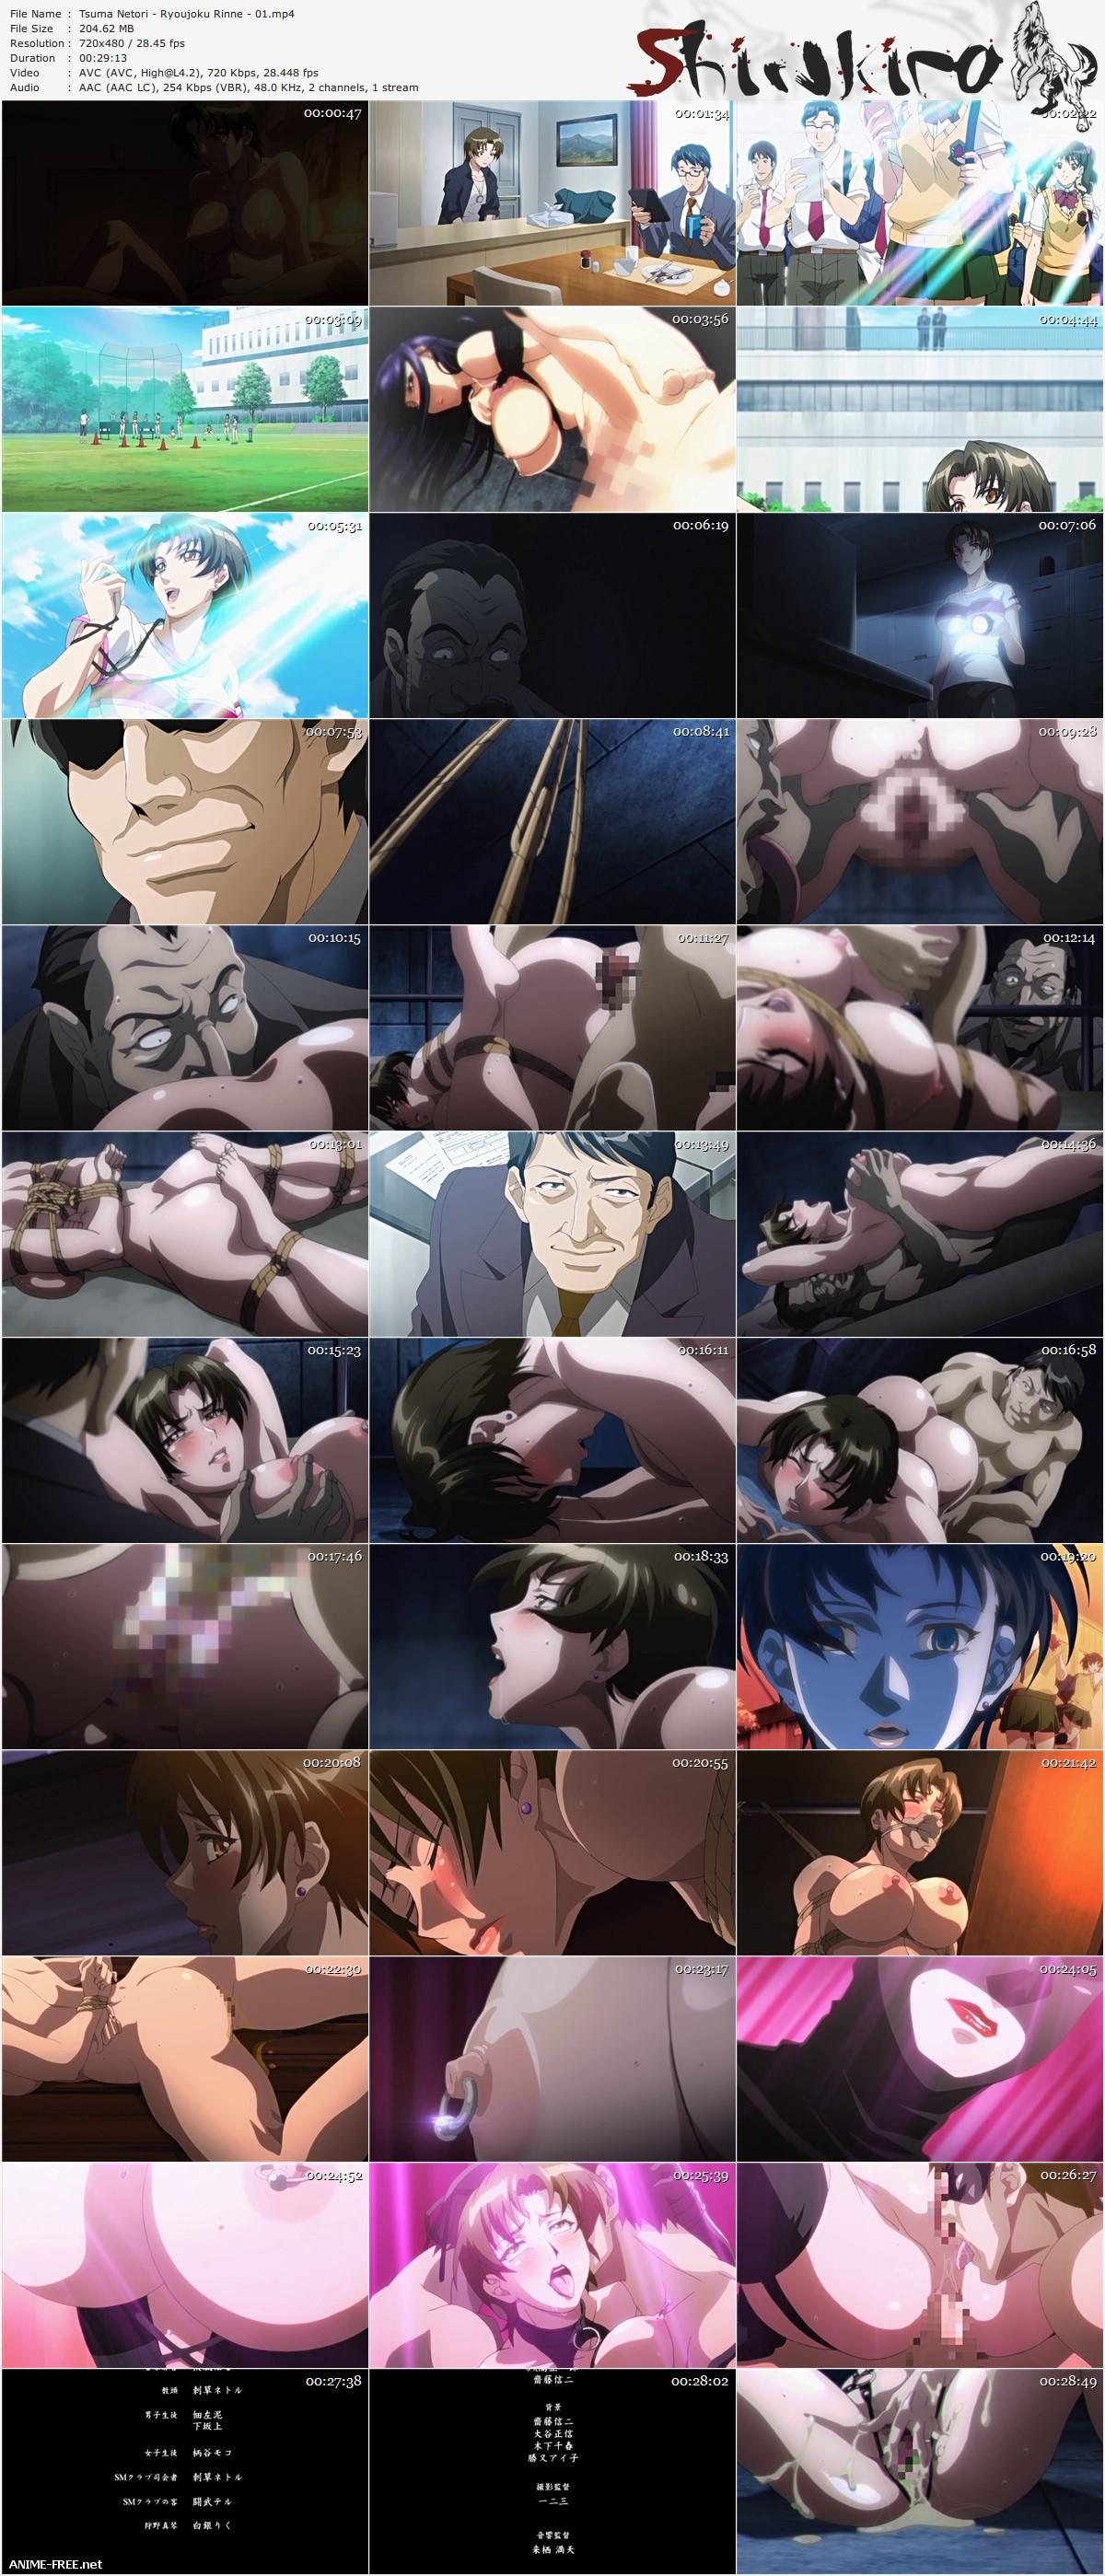 Tsuma Netori: Ryoujoku Rinne [Ep.1] [JAP,ENG,RUS] Anime Hentai